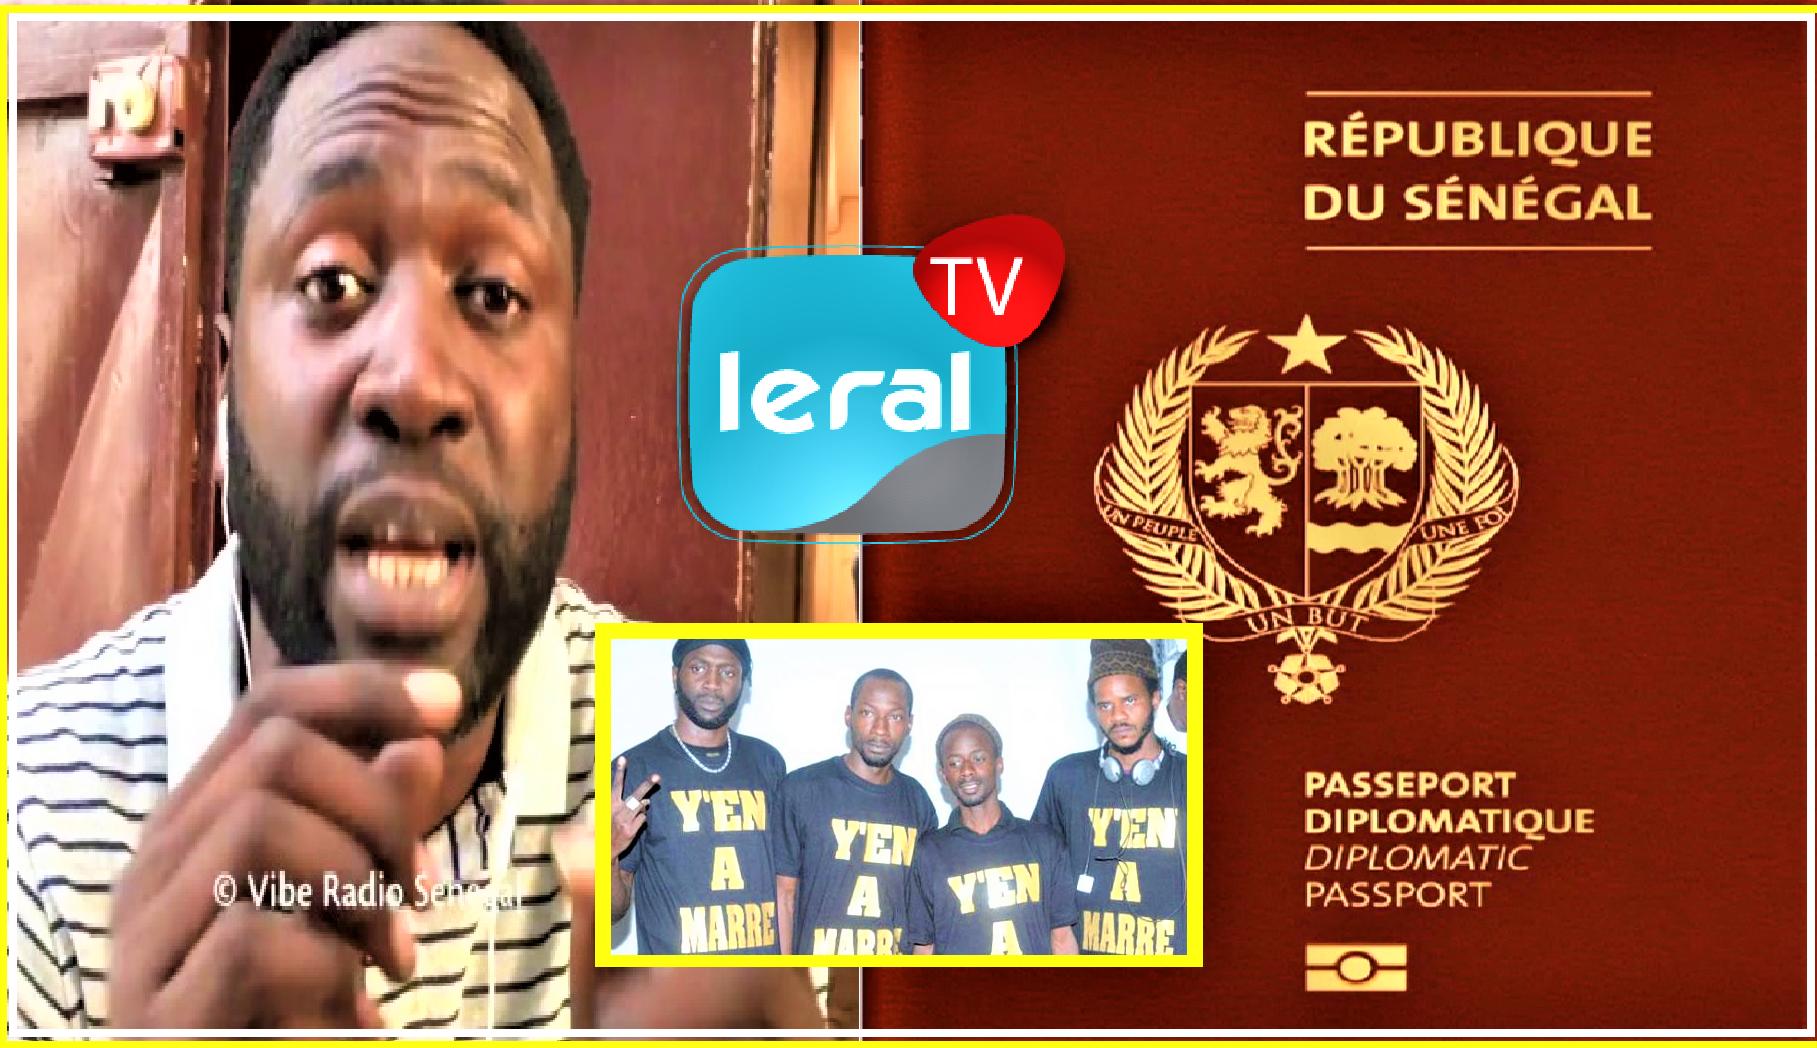 Trafic présumé de passeports: Kilifeu envoyé en prison